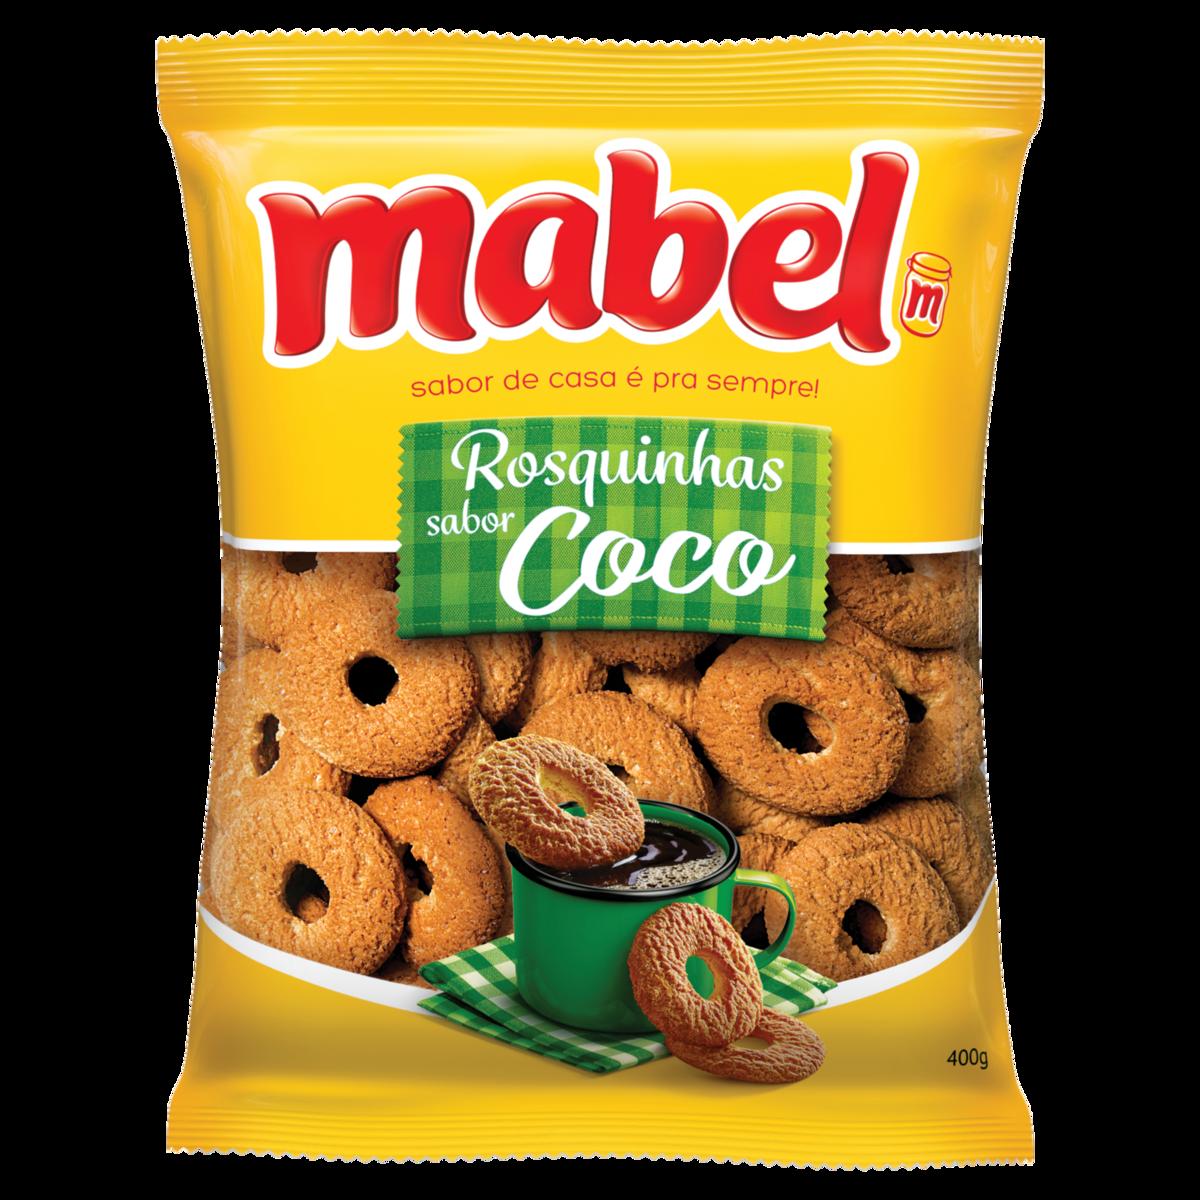 Resultado de imagem para rosquinha mabel coco